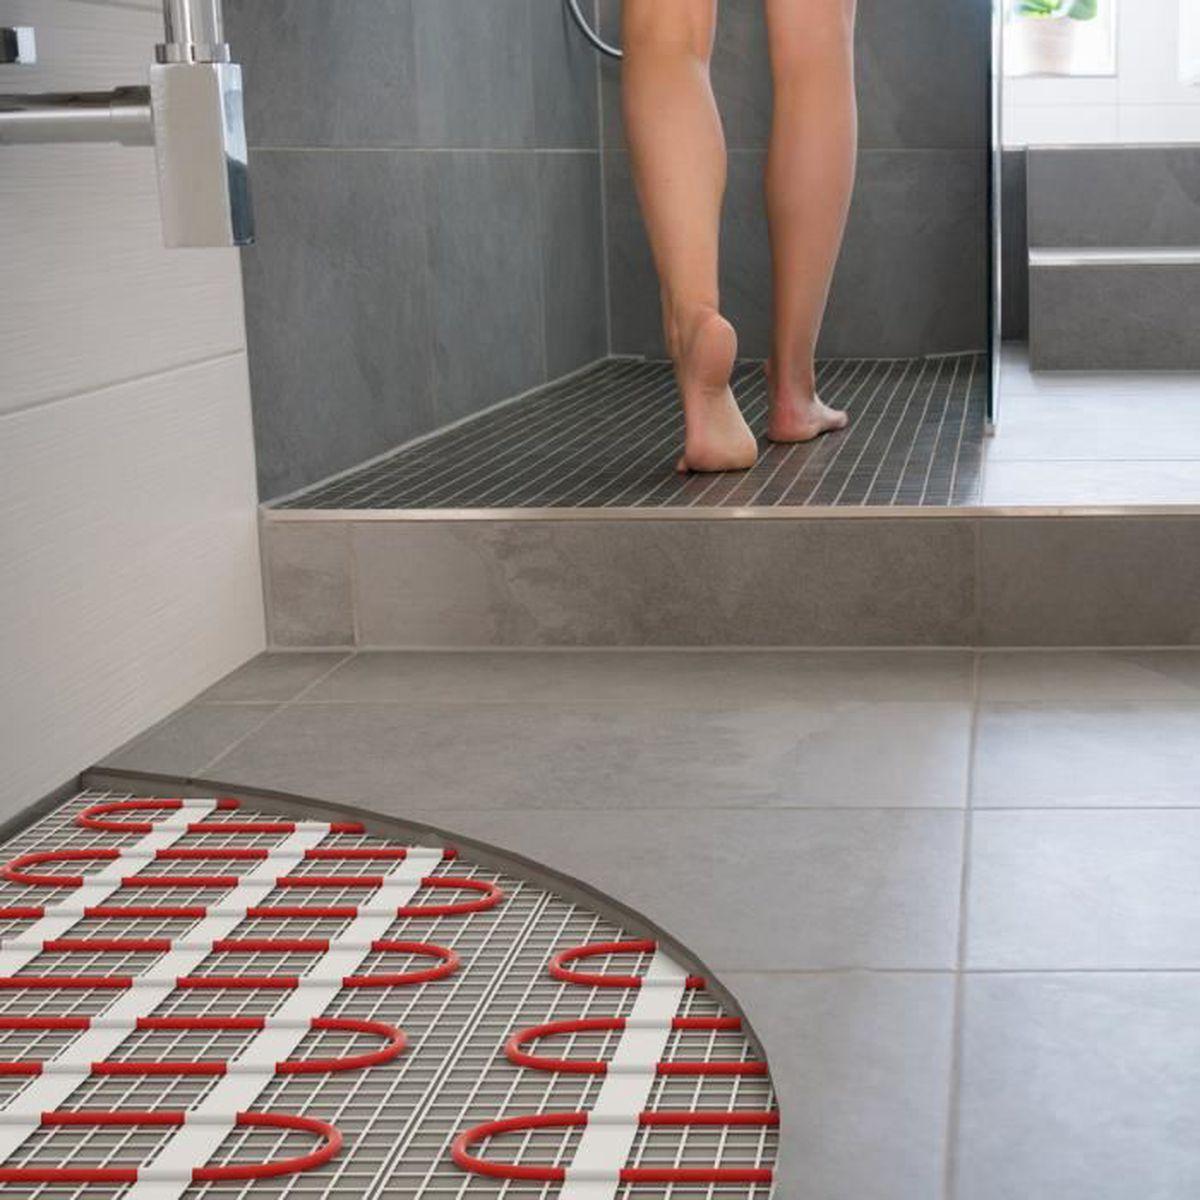 Chauffage Au Sol Electrique Pose kit complet de plancher chauffant électrique 7.8 m² - 1040 w